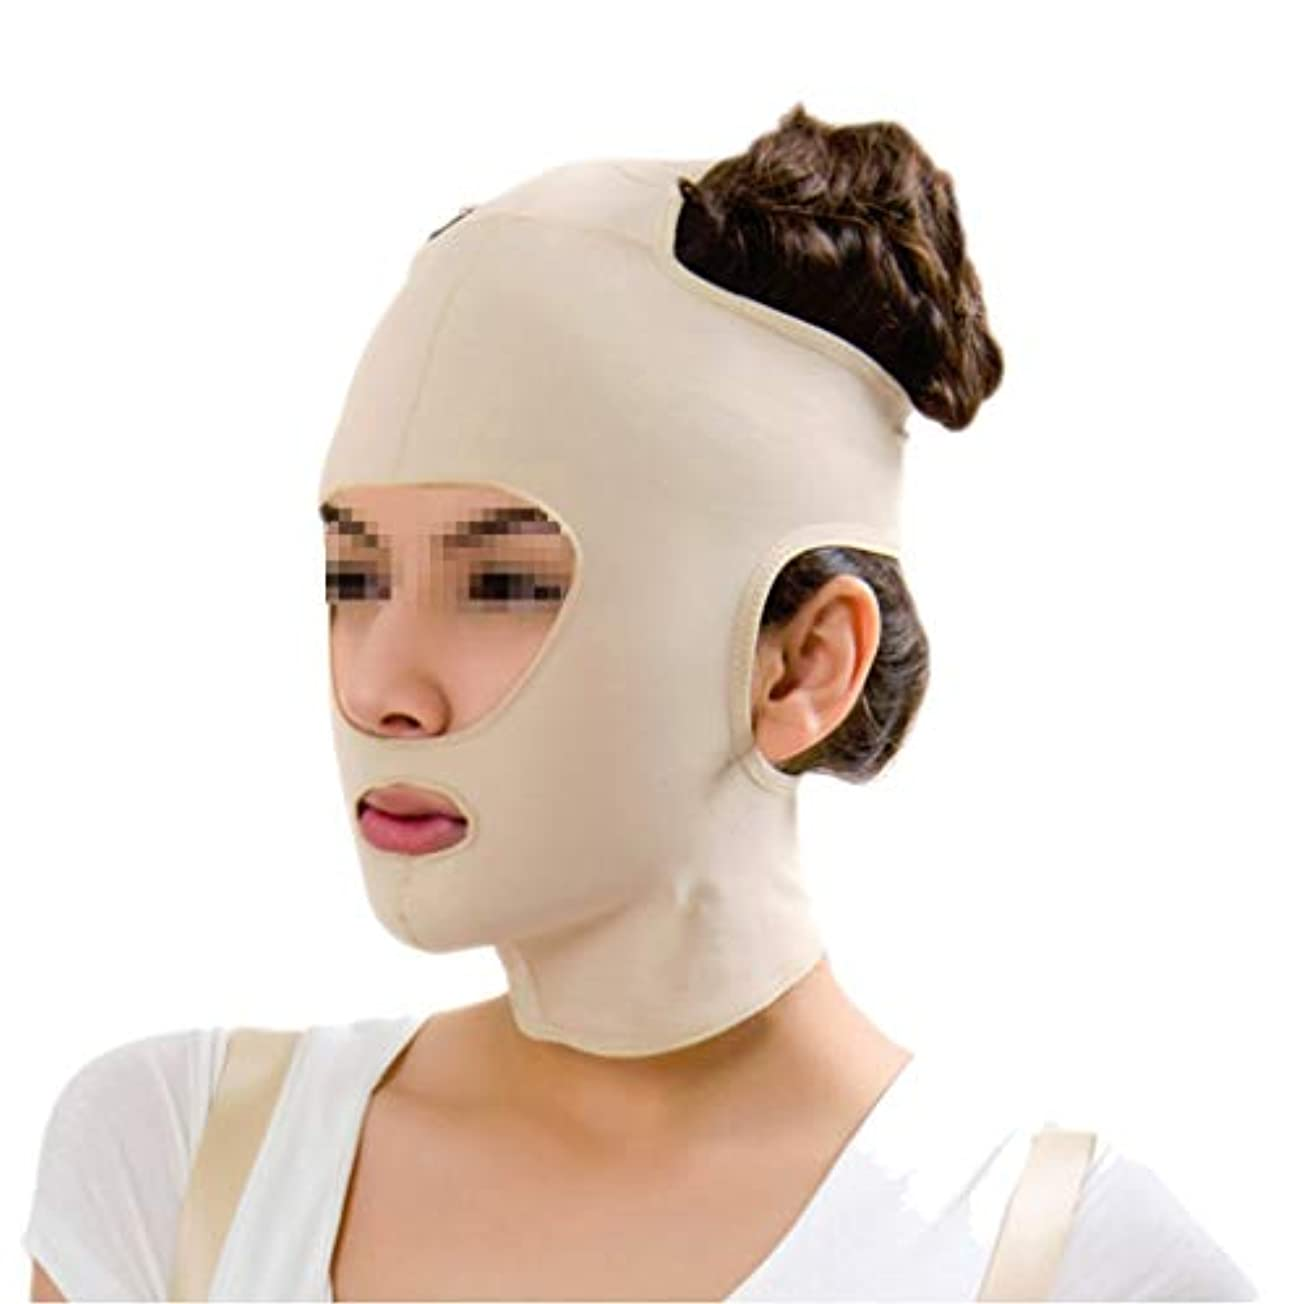 XHLMRMJ フェイスリフトマスク、フルフェイスマスク医療グレード圧力フェイスダブルチンプラスチック脂肪吸引術弾性包帯ヘッドギア後の顔の脂肪吸引術 (Size : S)